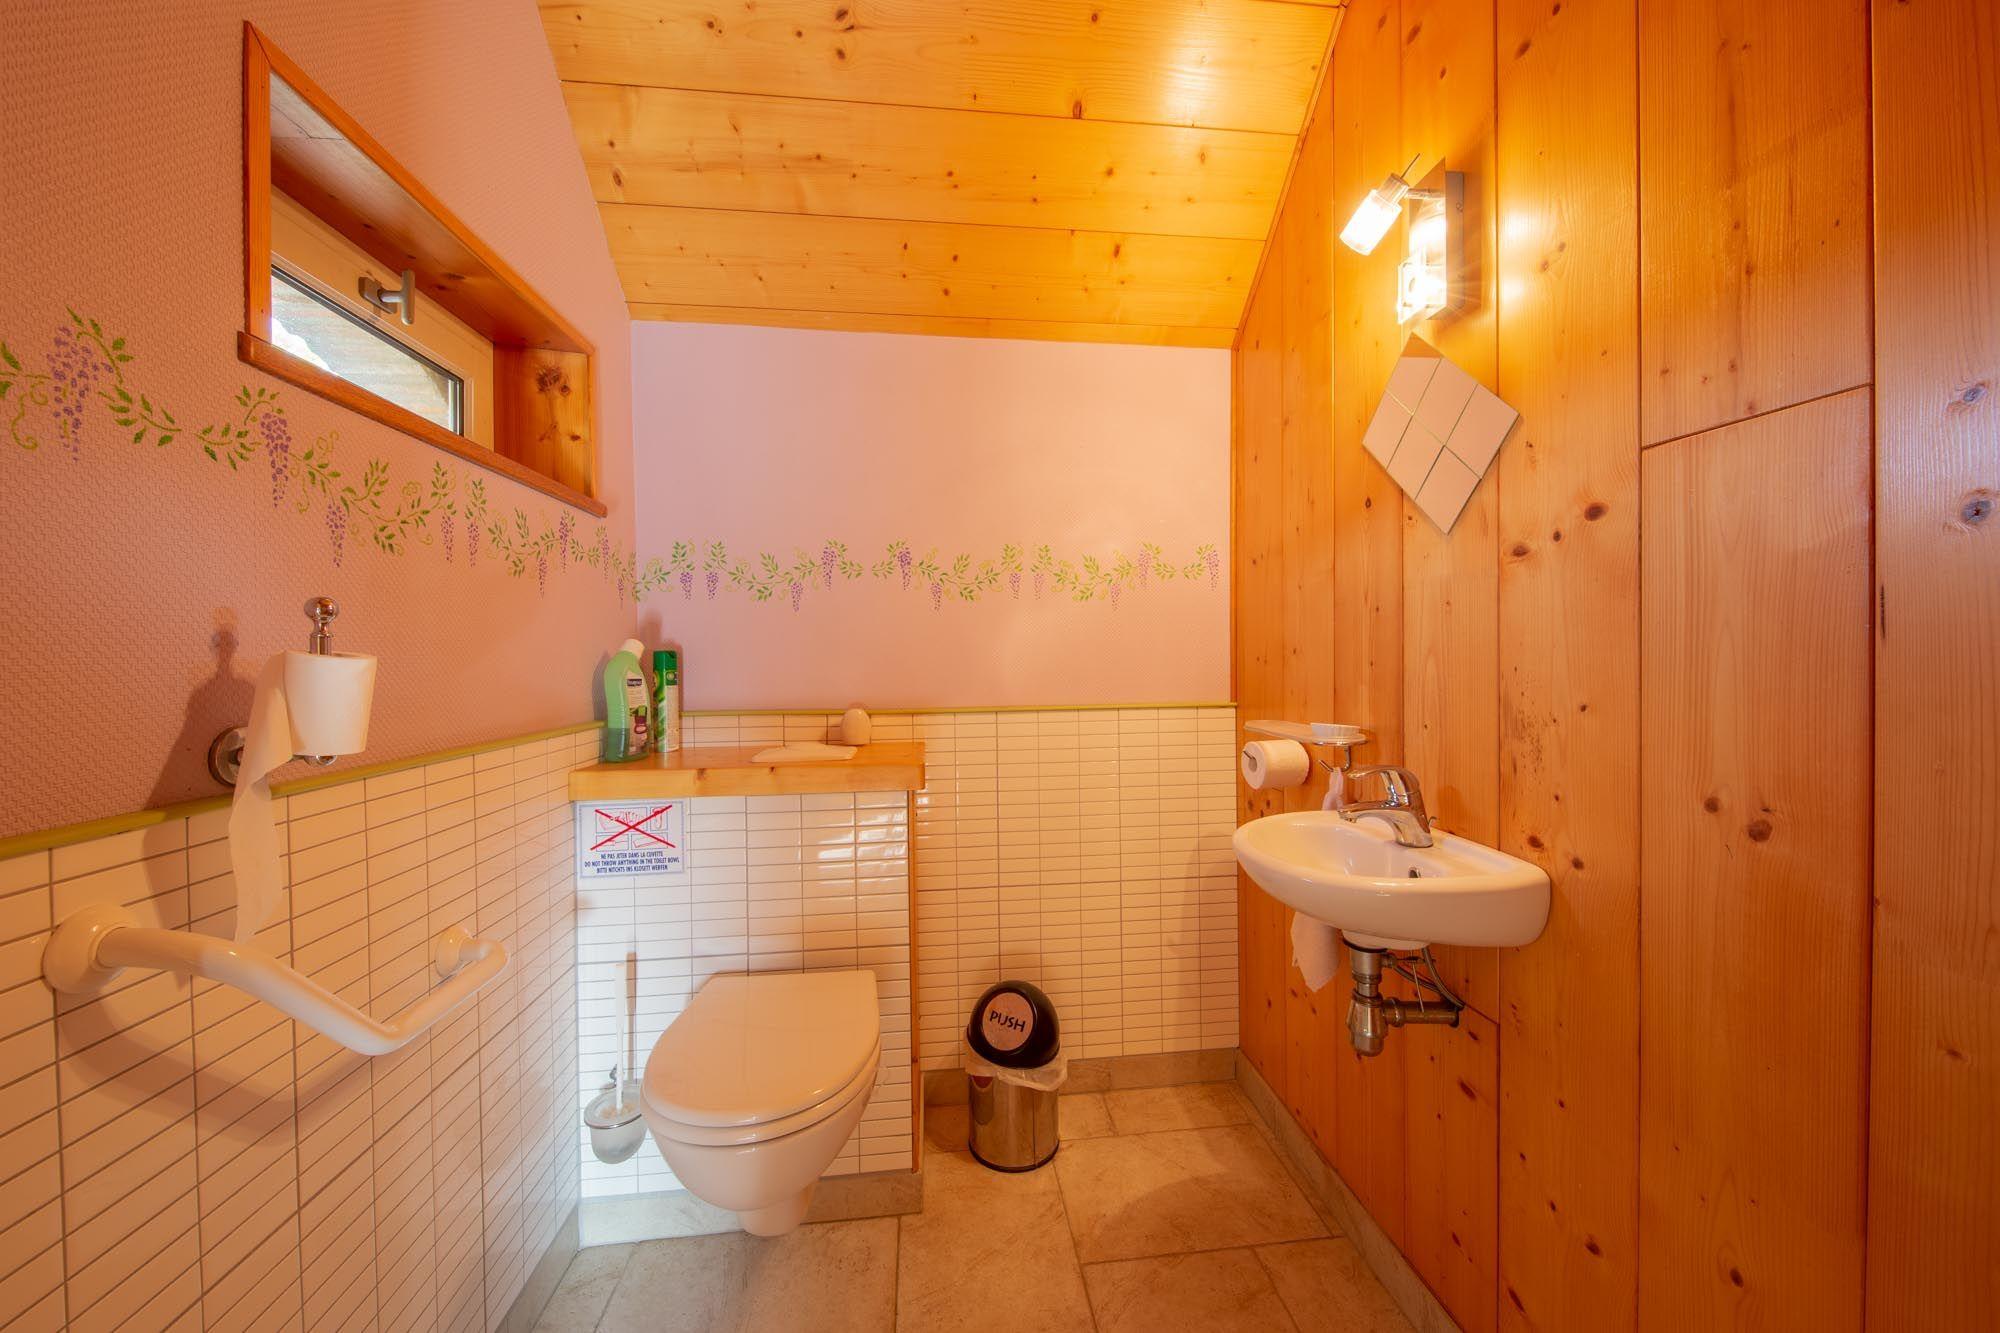 Le coin WC indépendants et spacieux permettant l'accès aux personnes à mobilité réduite.